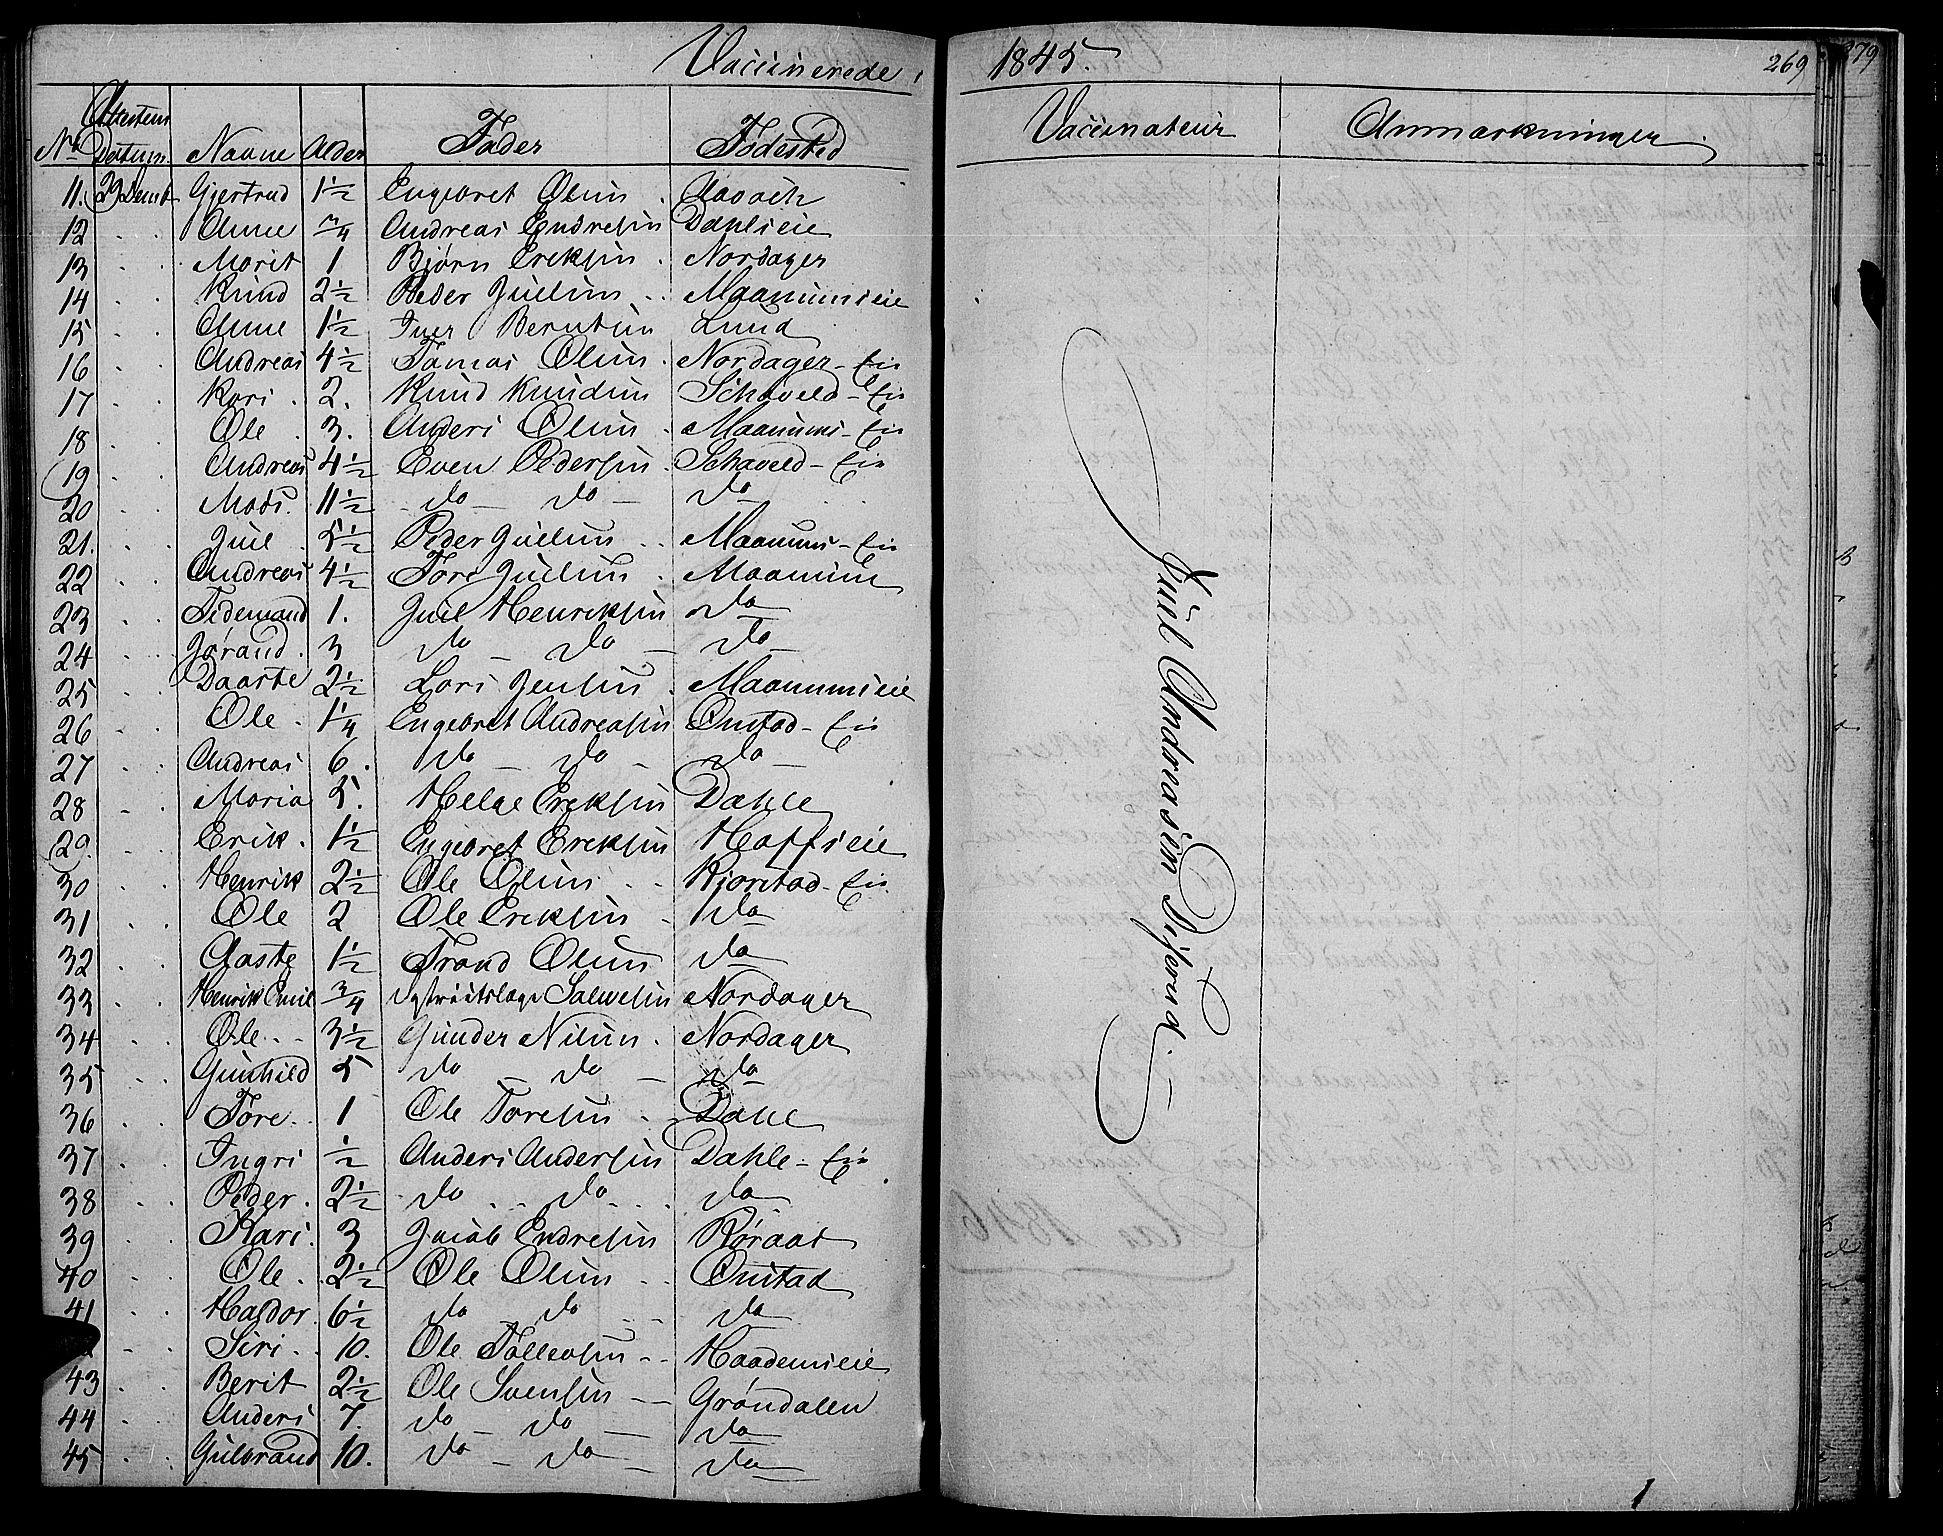 SAH, Nord-Aurdal prestekontor, Klokkerbok nr. 2, 1842-1877, s. 269